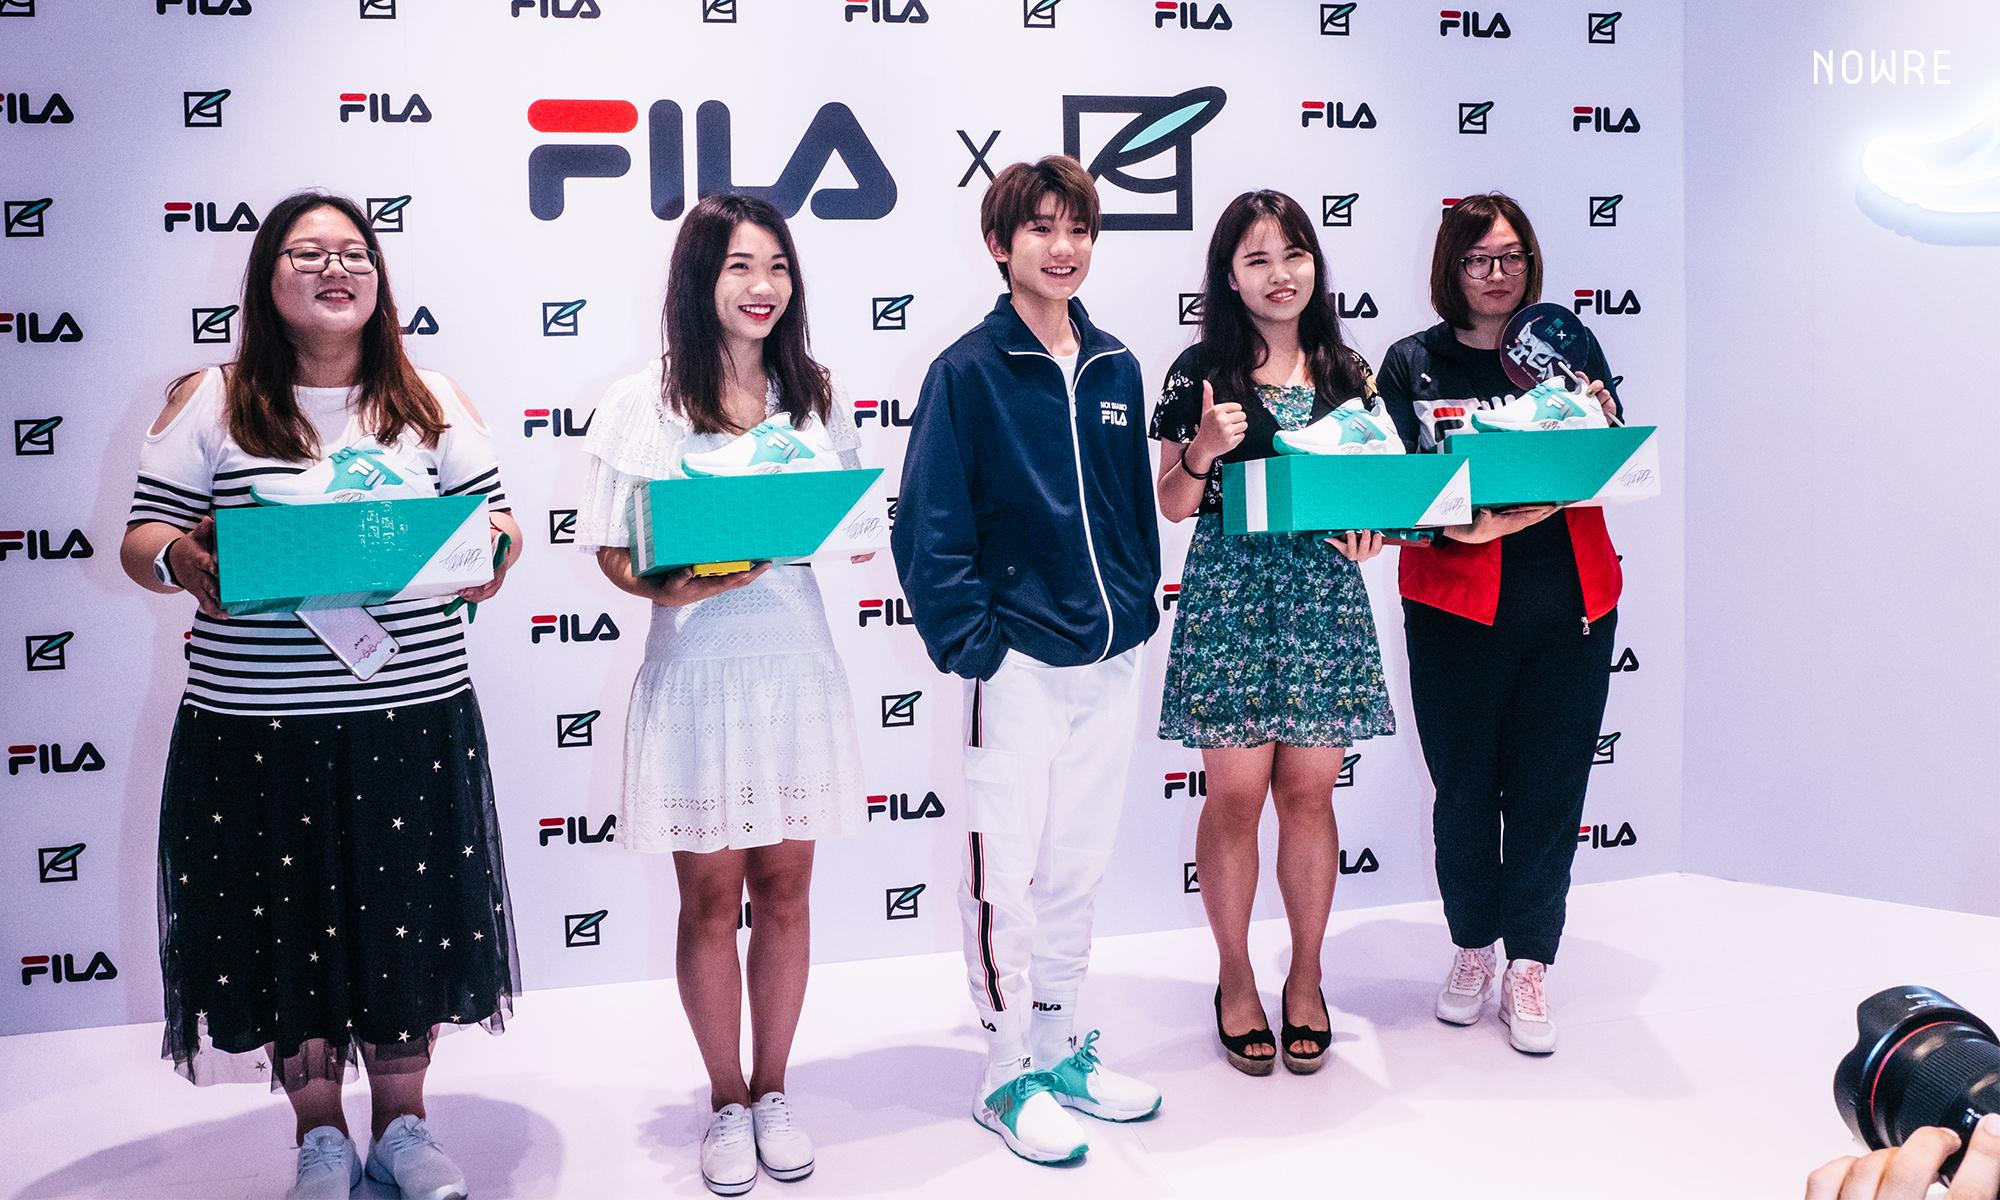 FILA 正式发布旗下全新潮流品牌 FILA FUSION